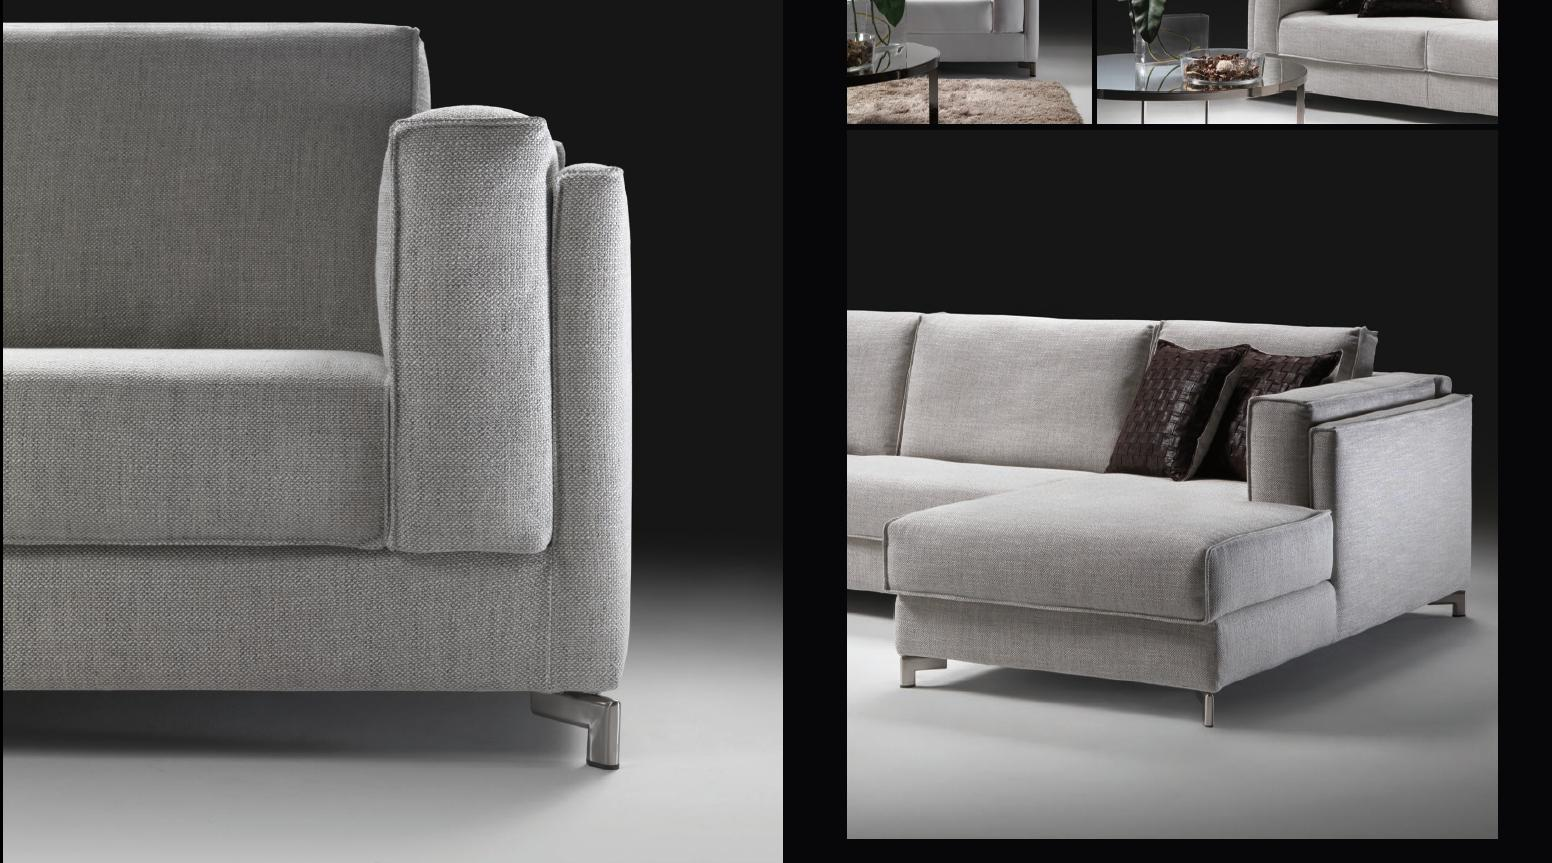 Divano moderno berlin divani moderni salotti divani e - Divano 100 euro ...